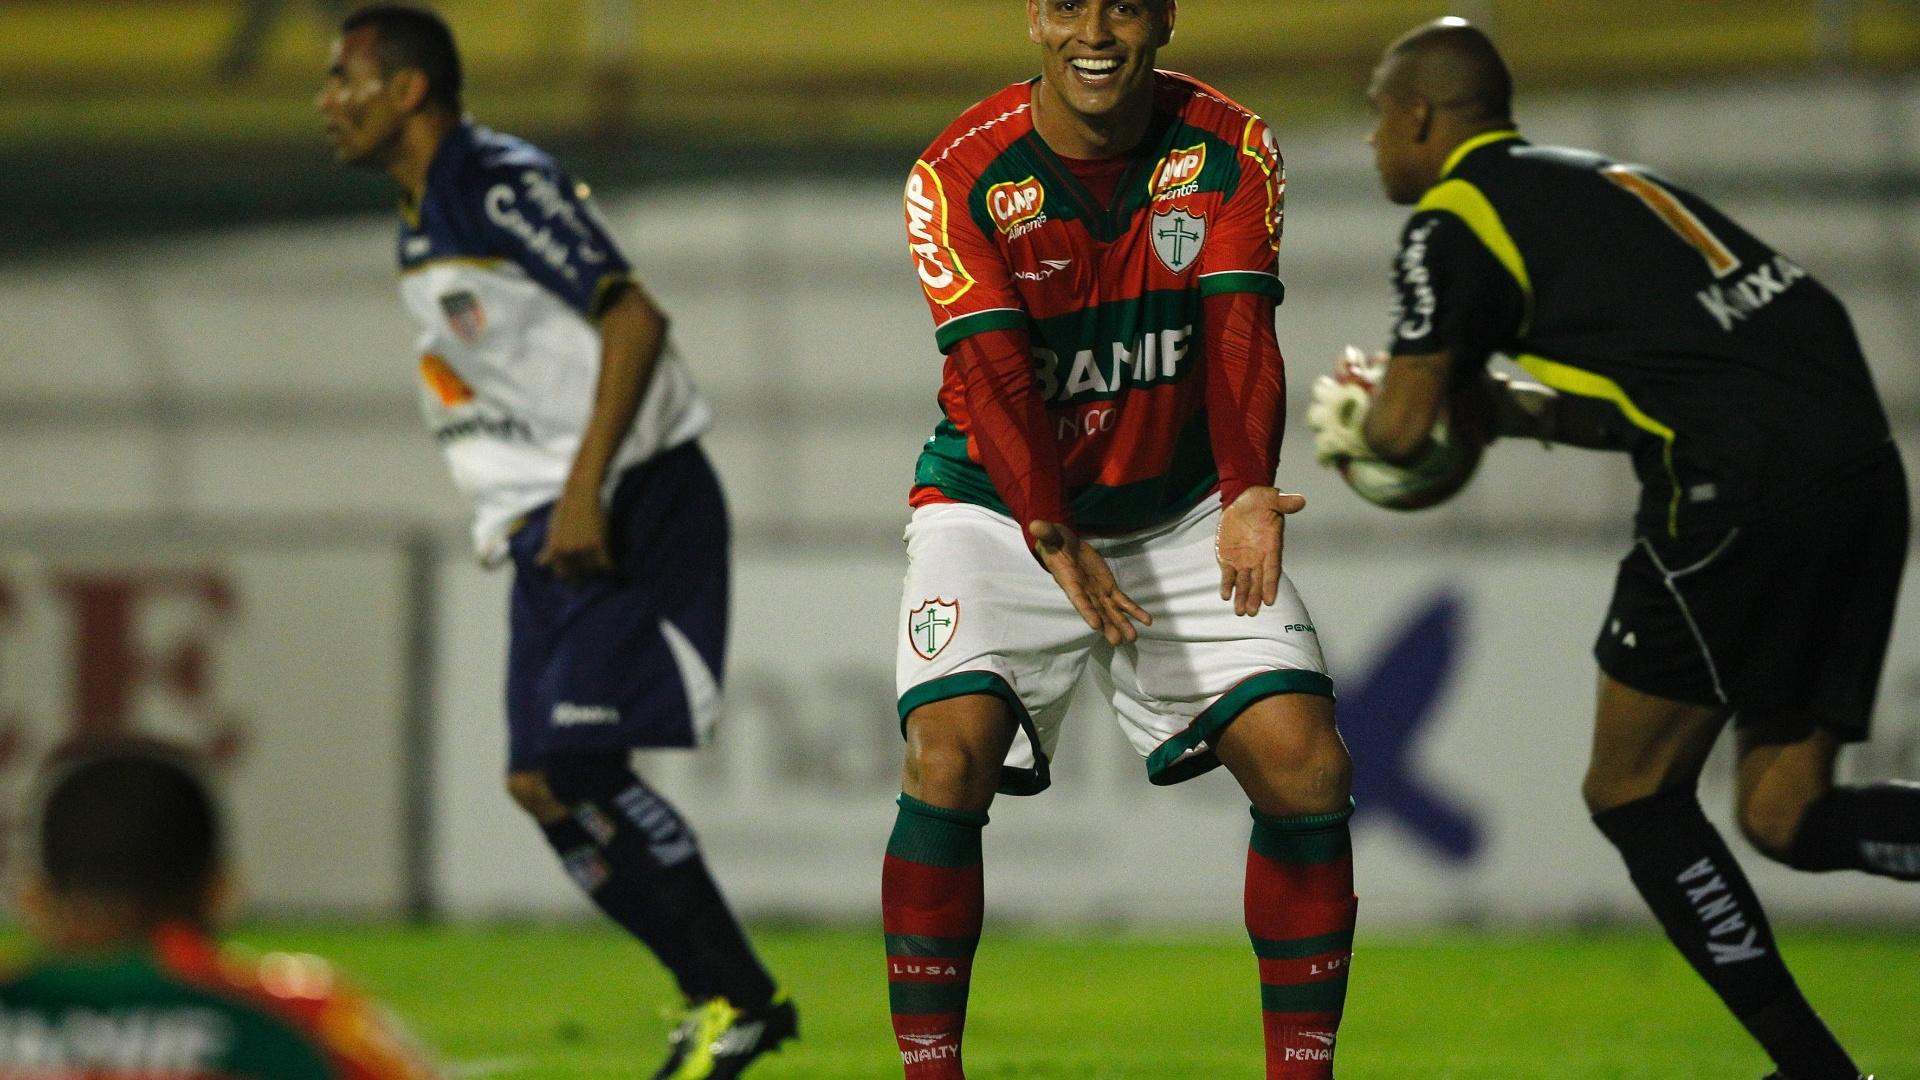 Artilheiro da líder Portuguesa na Série B, Edno gesticula no empate com o Americana, no Canindé (26/07/2011)